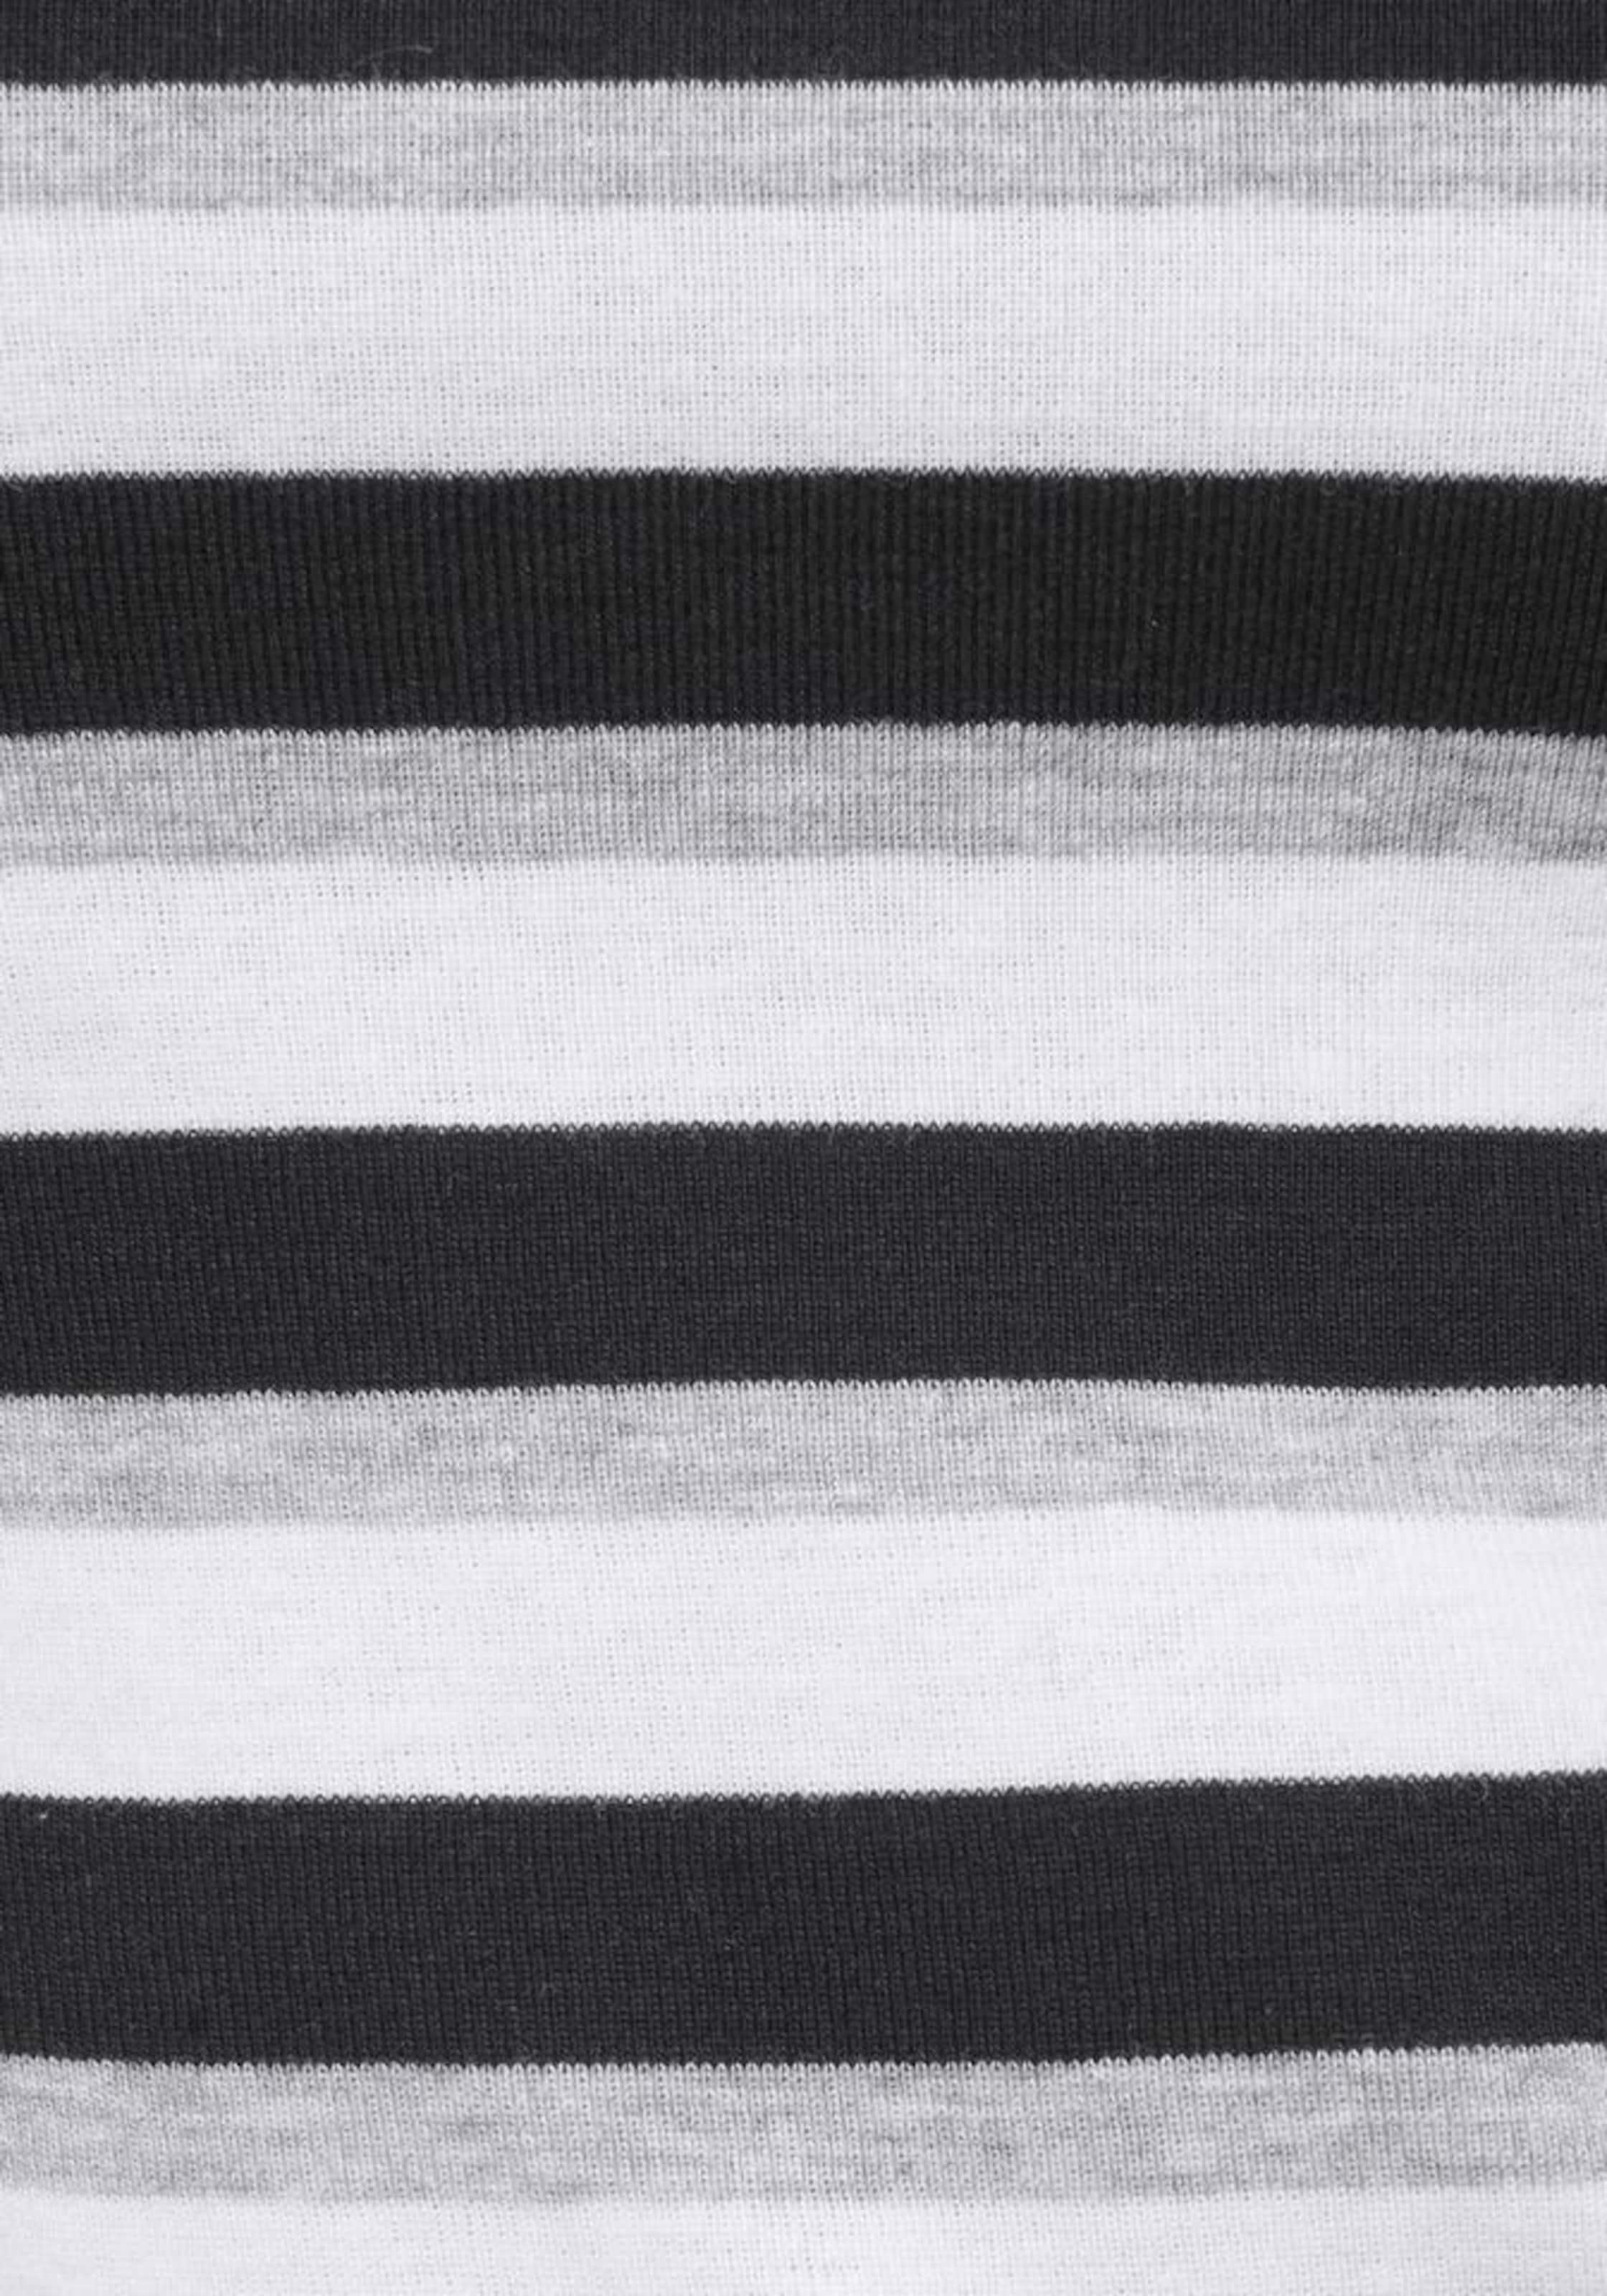 In Arizona Shirt Arizona GraumeliertSchwarz Weiß eWdxorCB